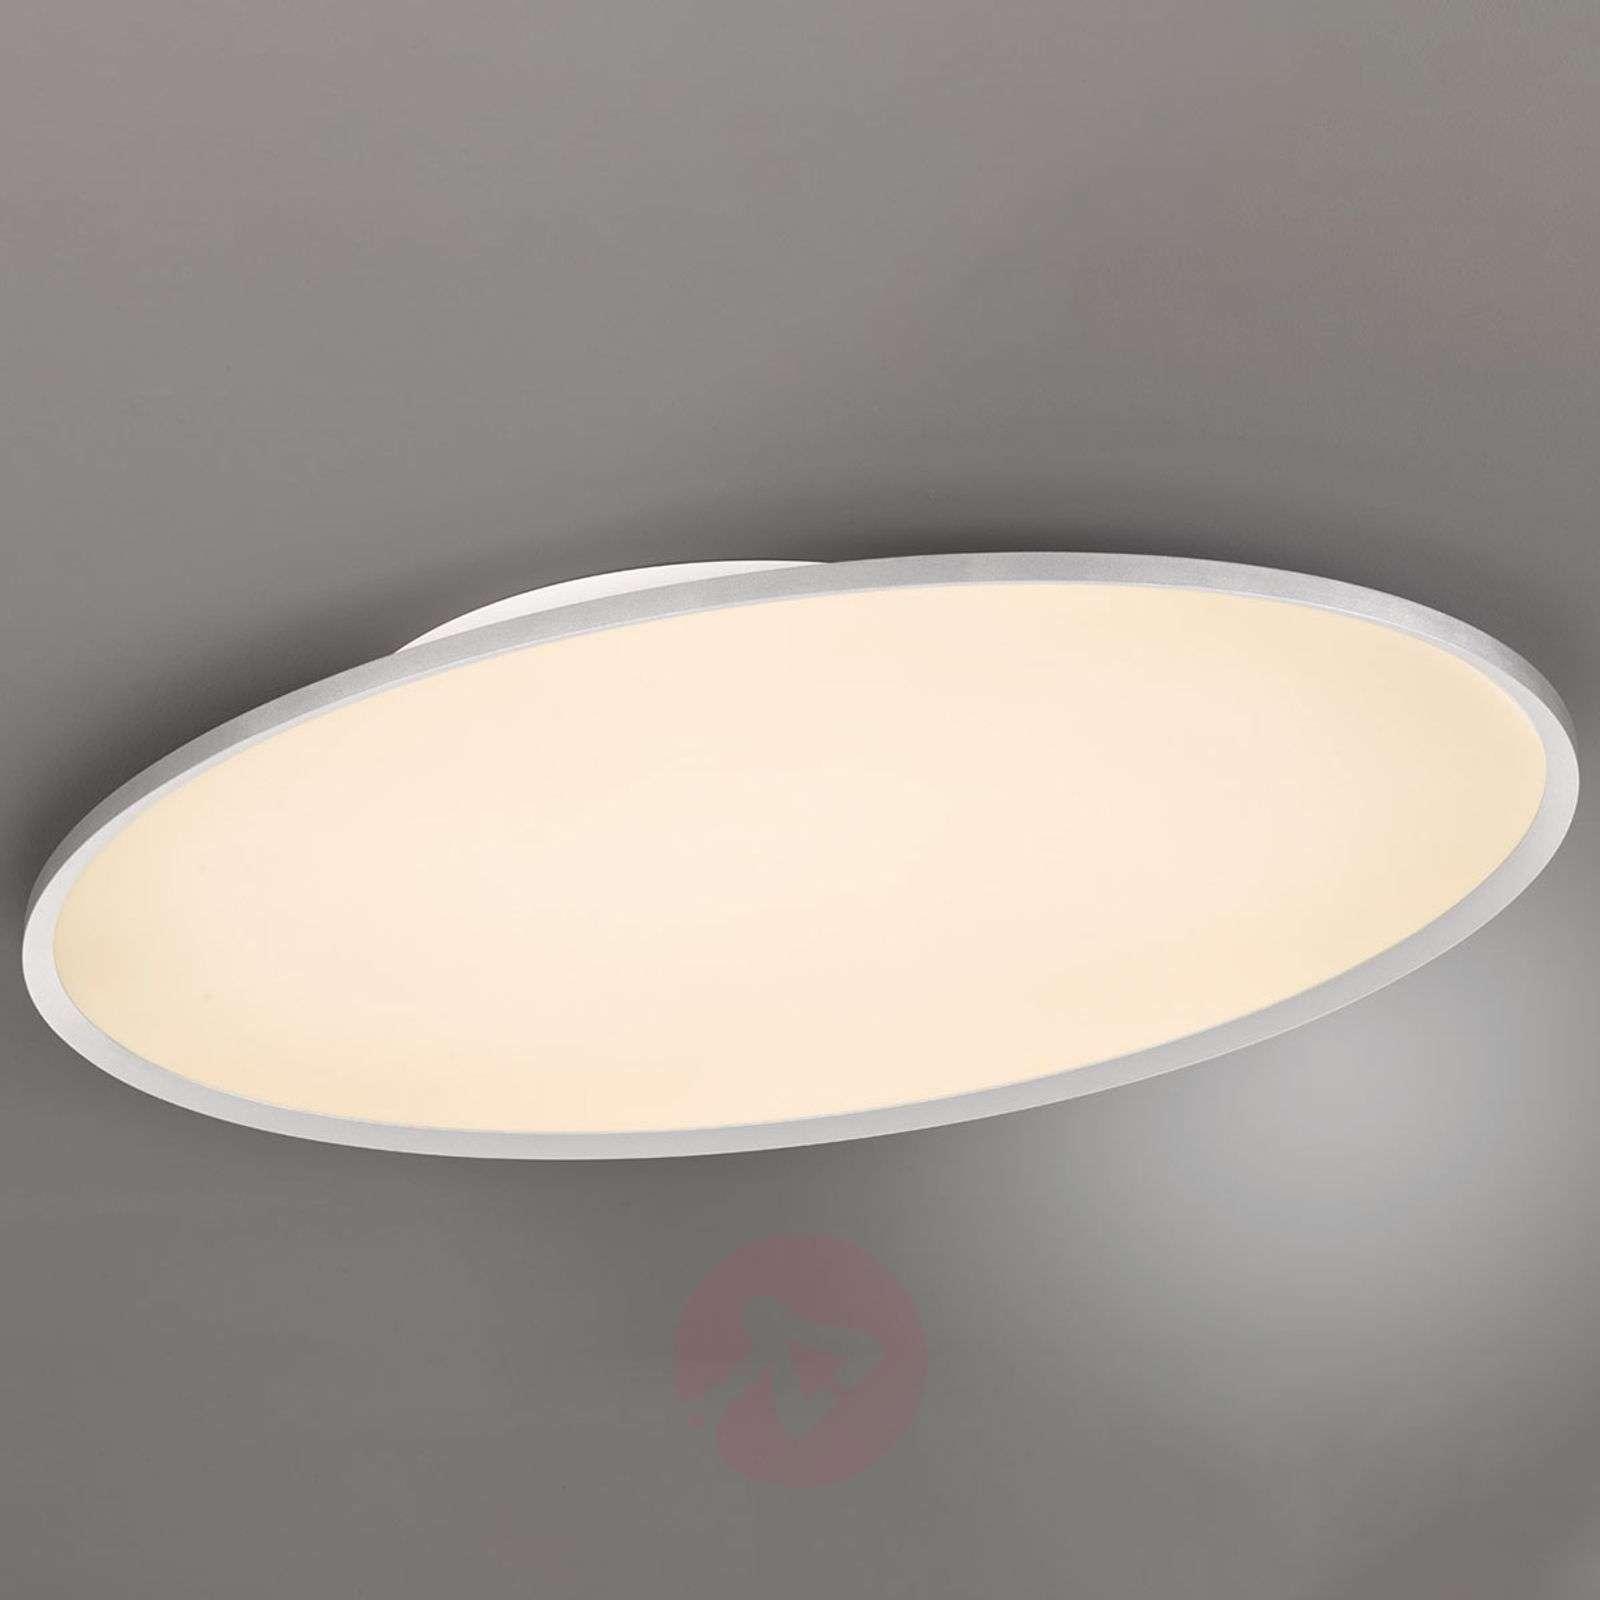 Monitoimintainen LED-kattolamppu Torrance-9005560X-01